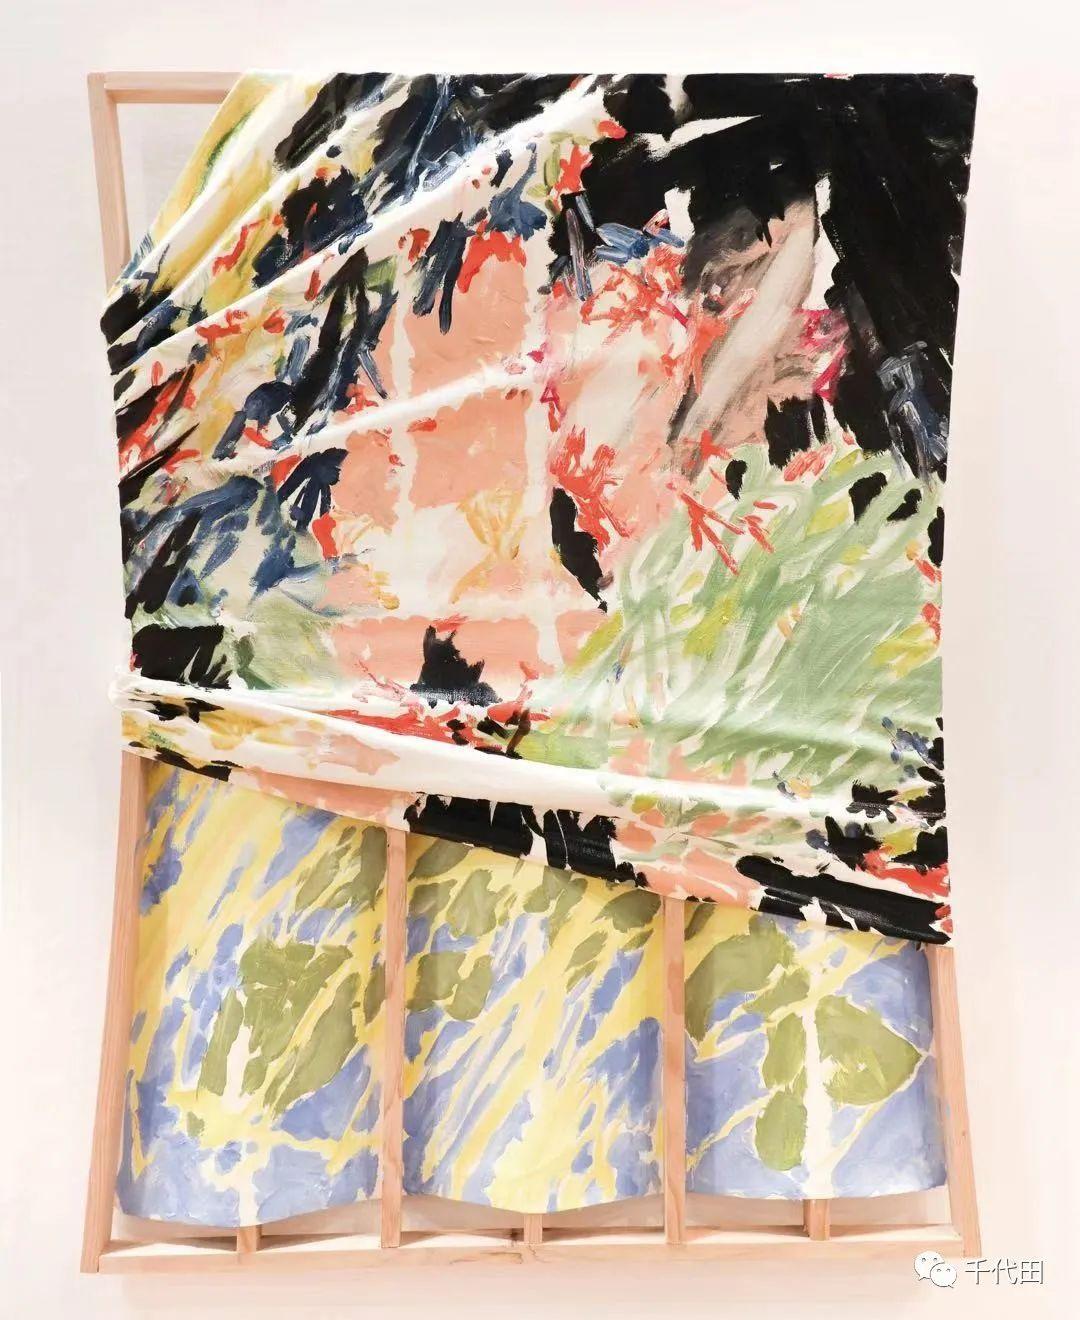 千代田美术丨少儿线上美术教室中期成果